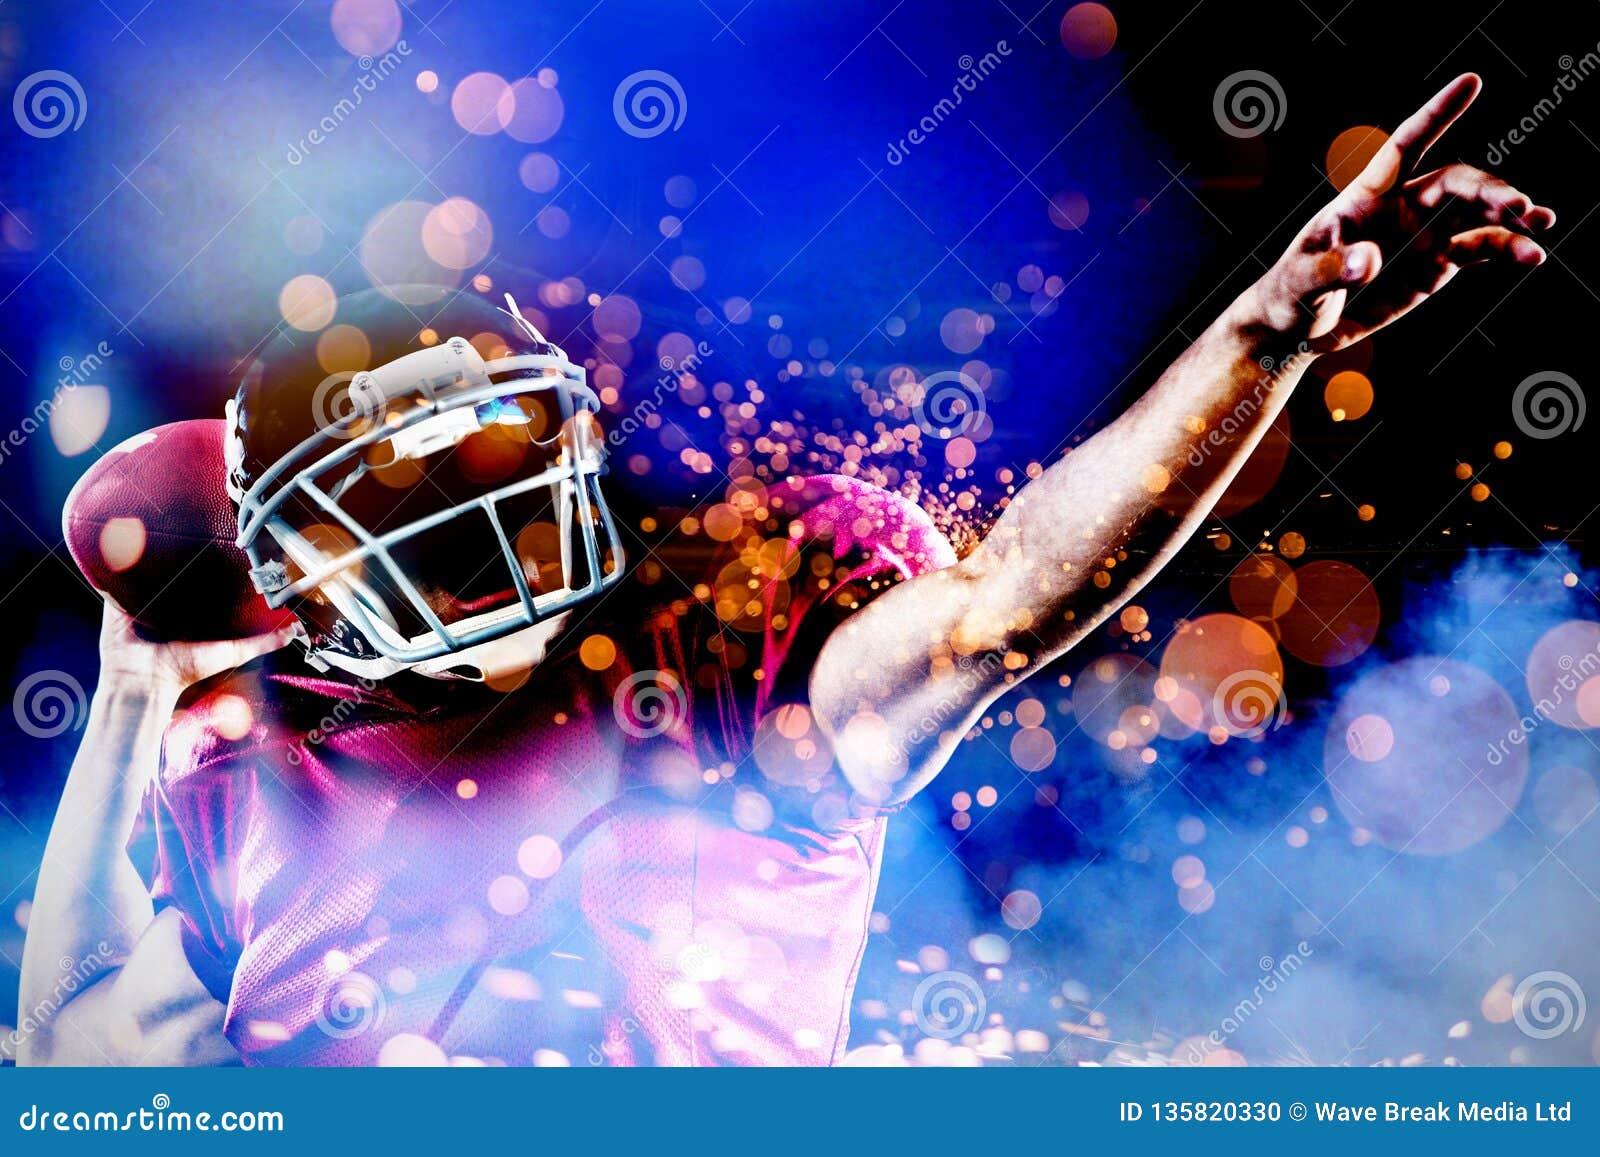 Samengesteld beeld van Amerikaanse voetbalster met bal het richten